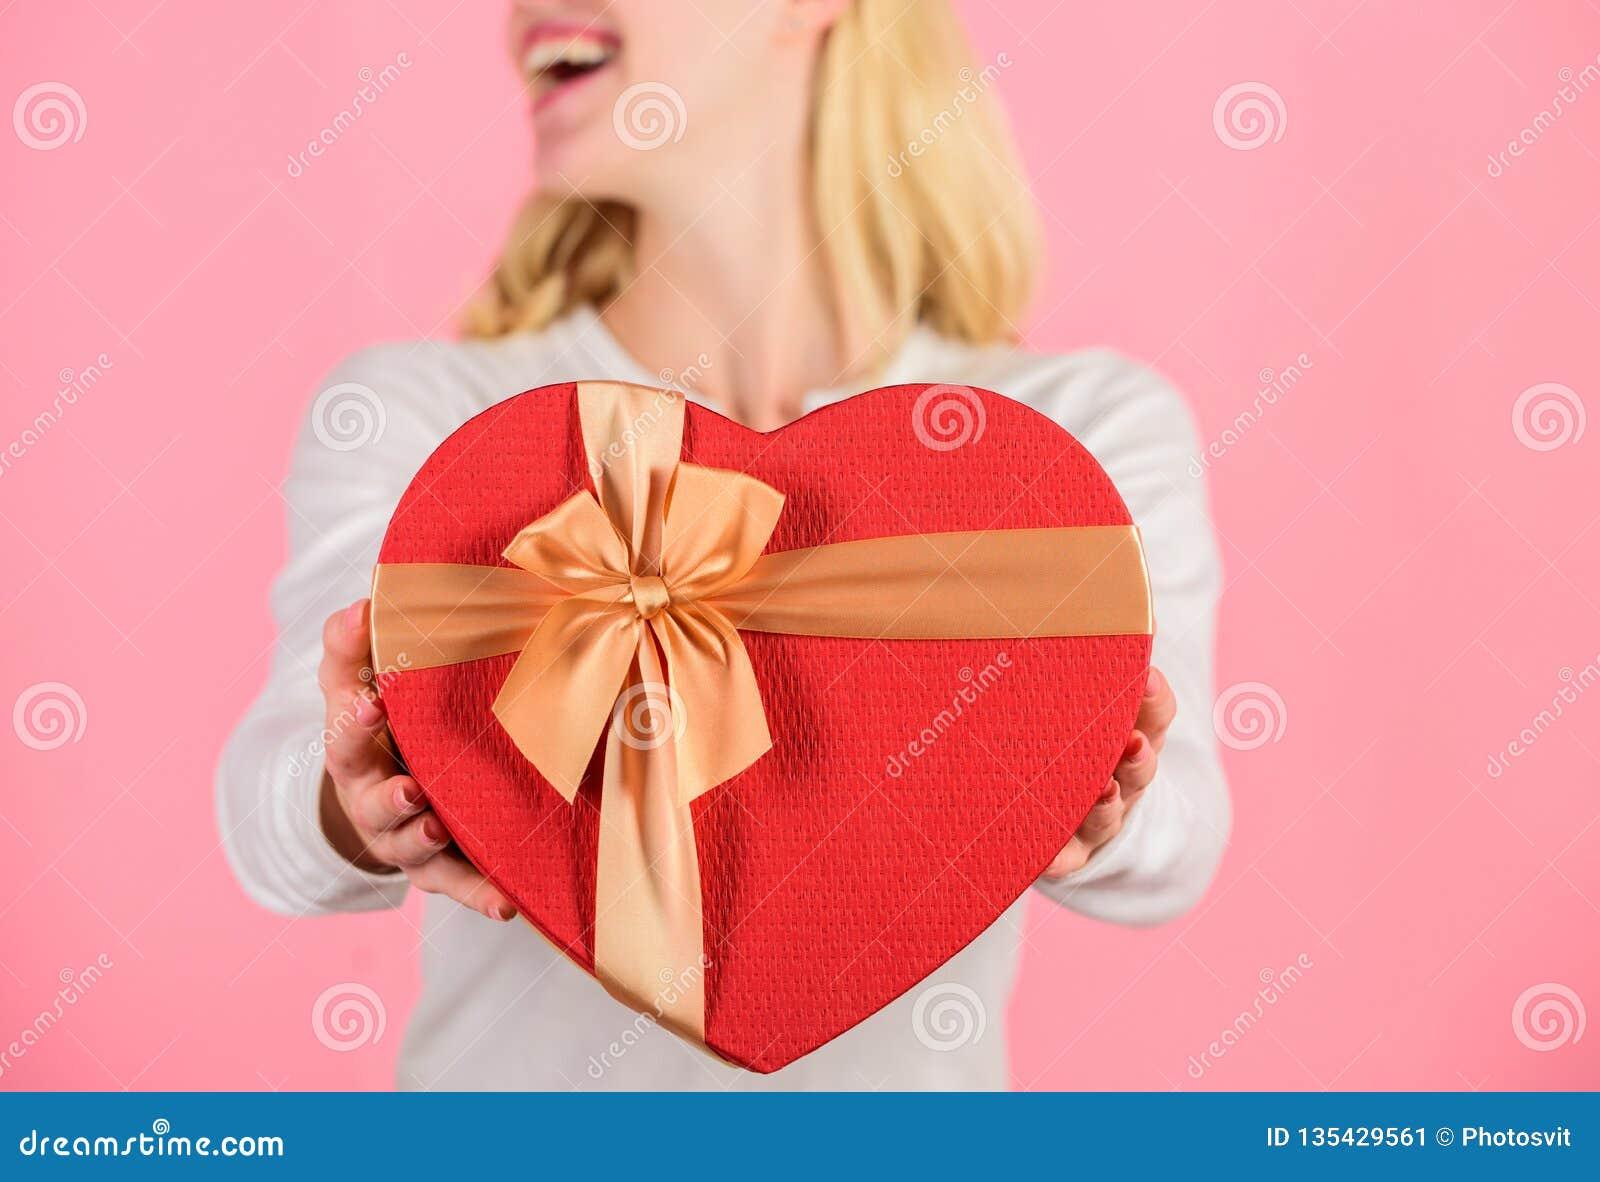 Przygotowany coś specjalny dla on Ona romantyczna osoba Walentynka prezent dla chłopaka Znalezisko specjalny prezent dla chłopaka